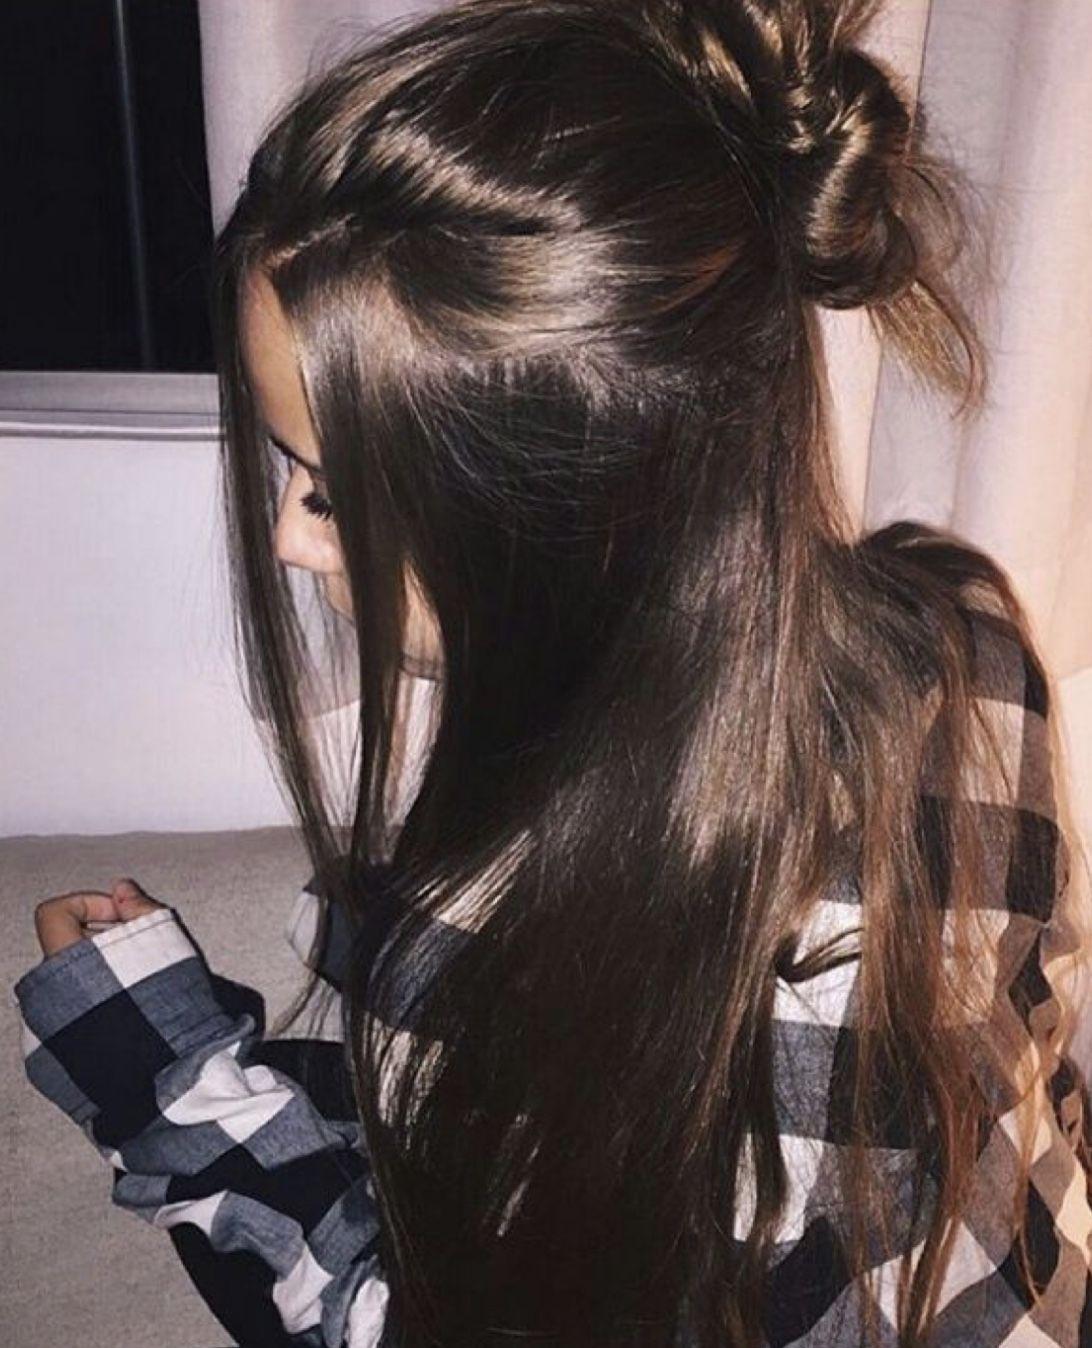 Pin De Olivia Lopez Em Hair Ideias De Cabelo Ideias De Penteado Cabelo